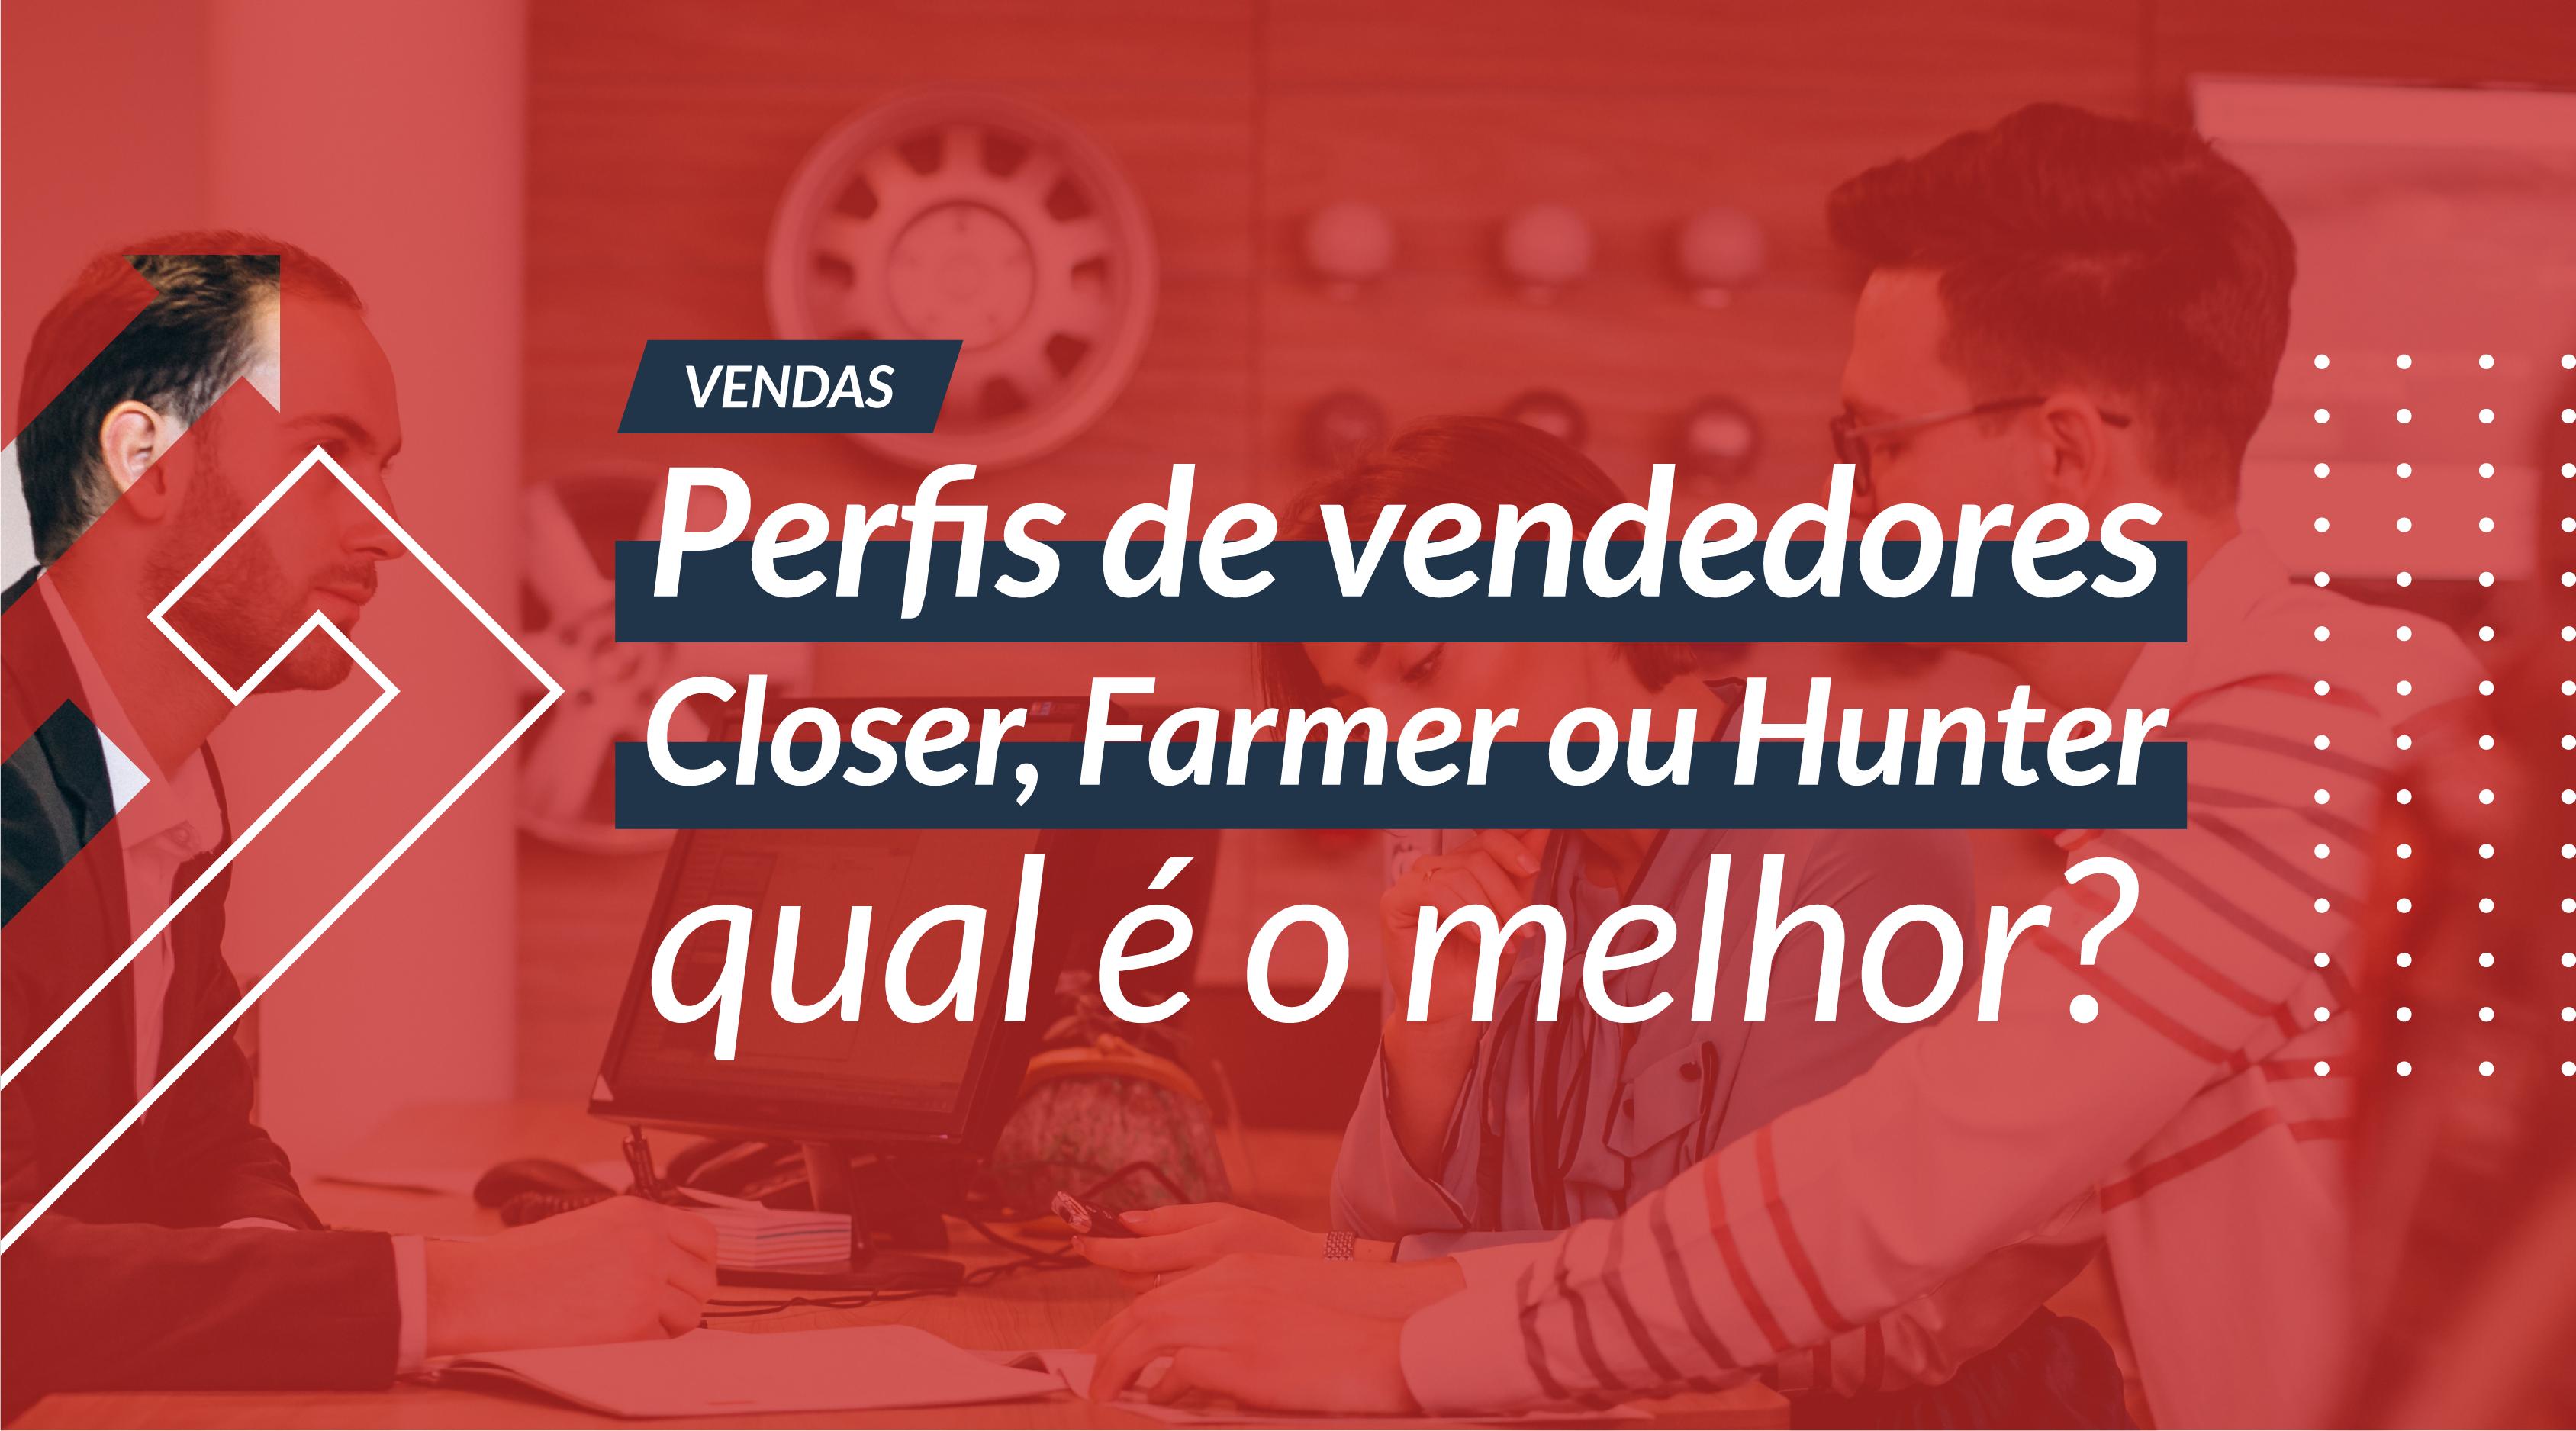 Perfis de vendedores: Closer, Farmer ou Hunter, qual é o melhor?